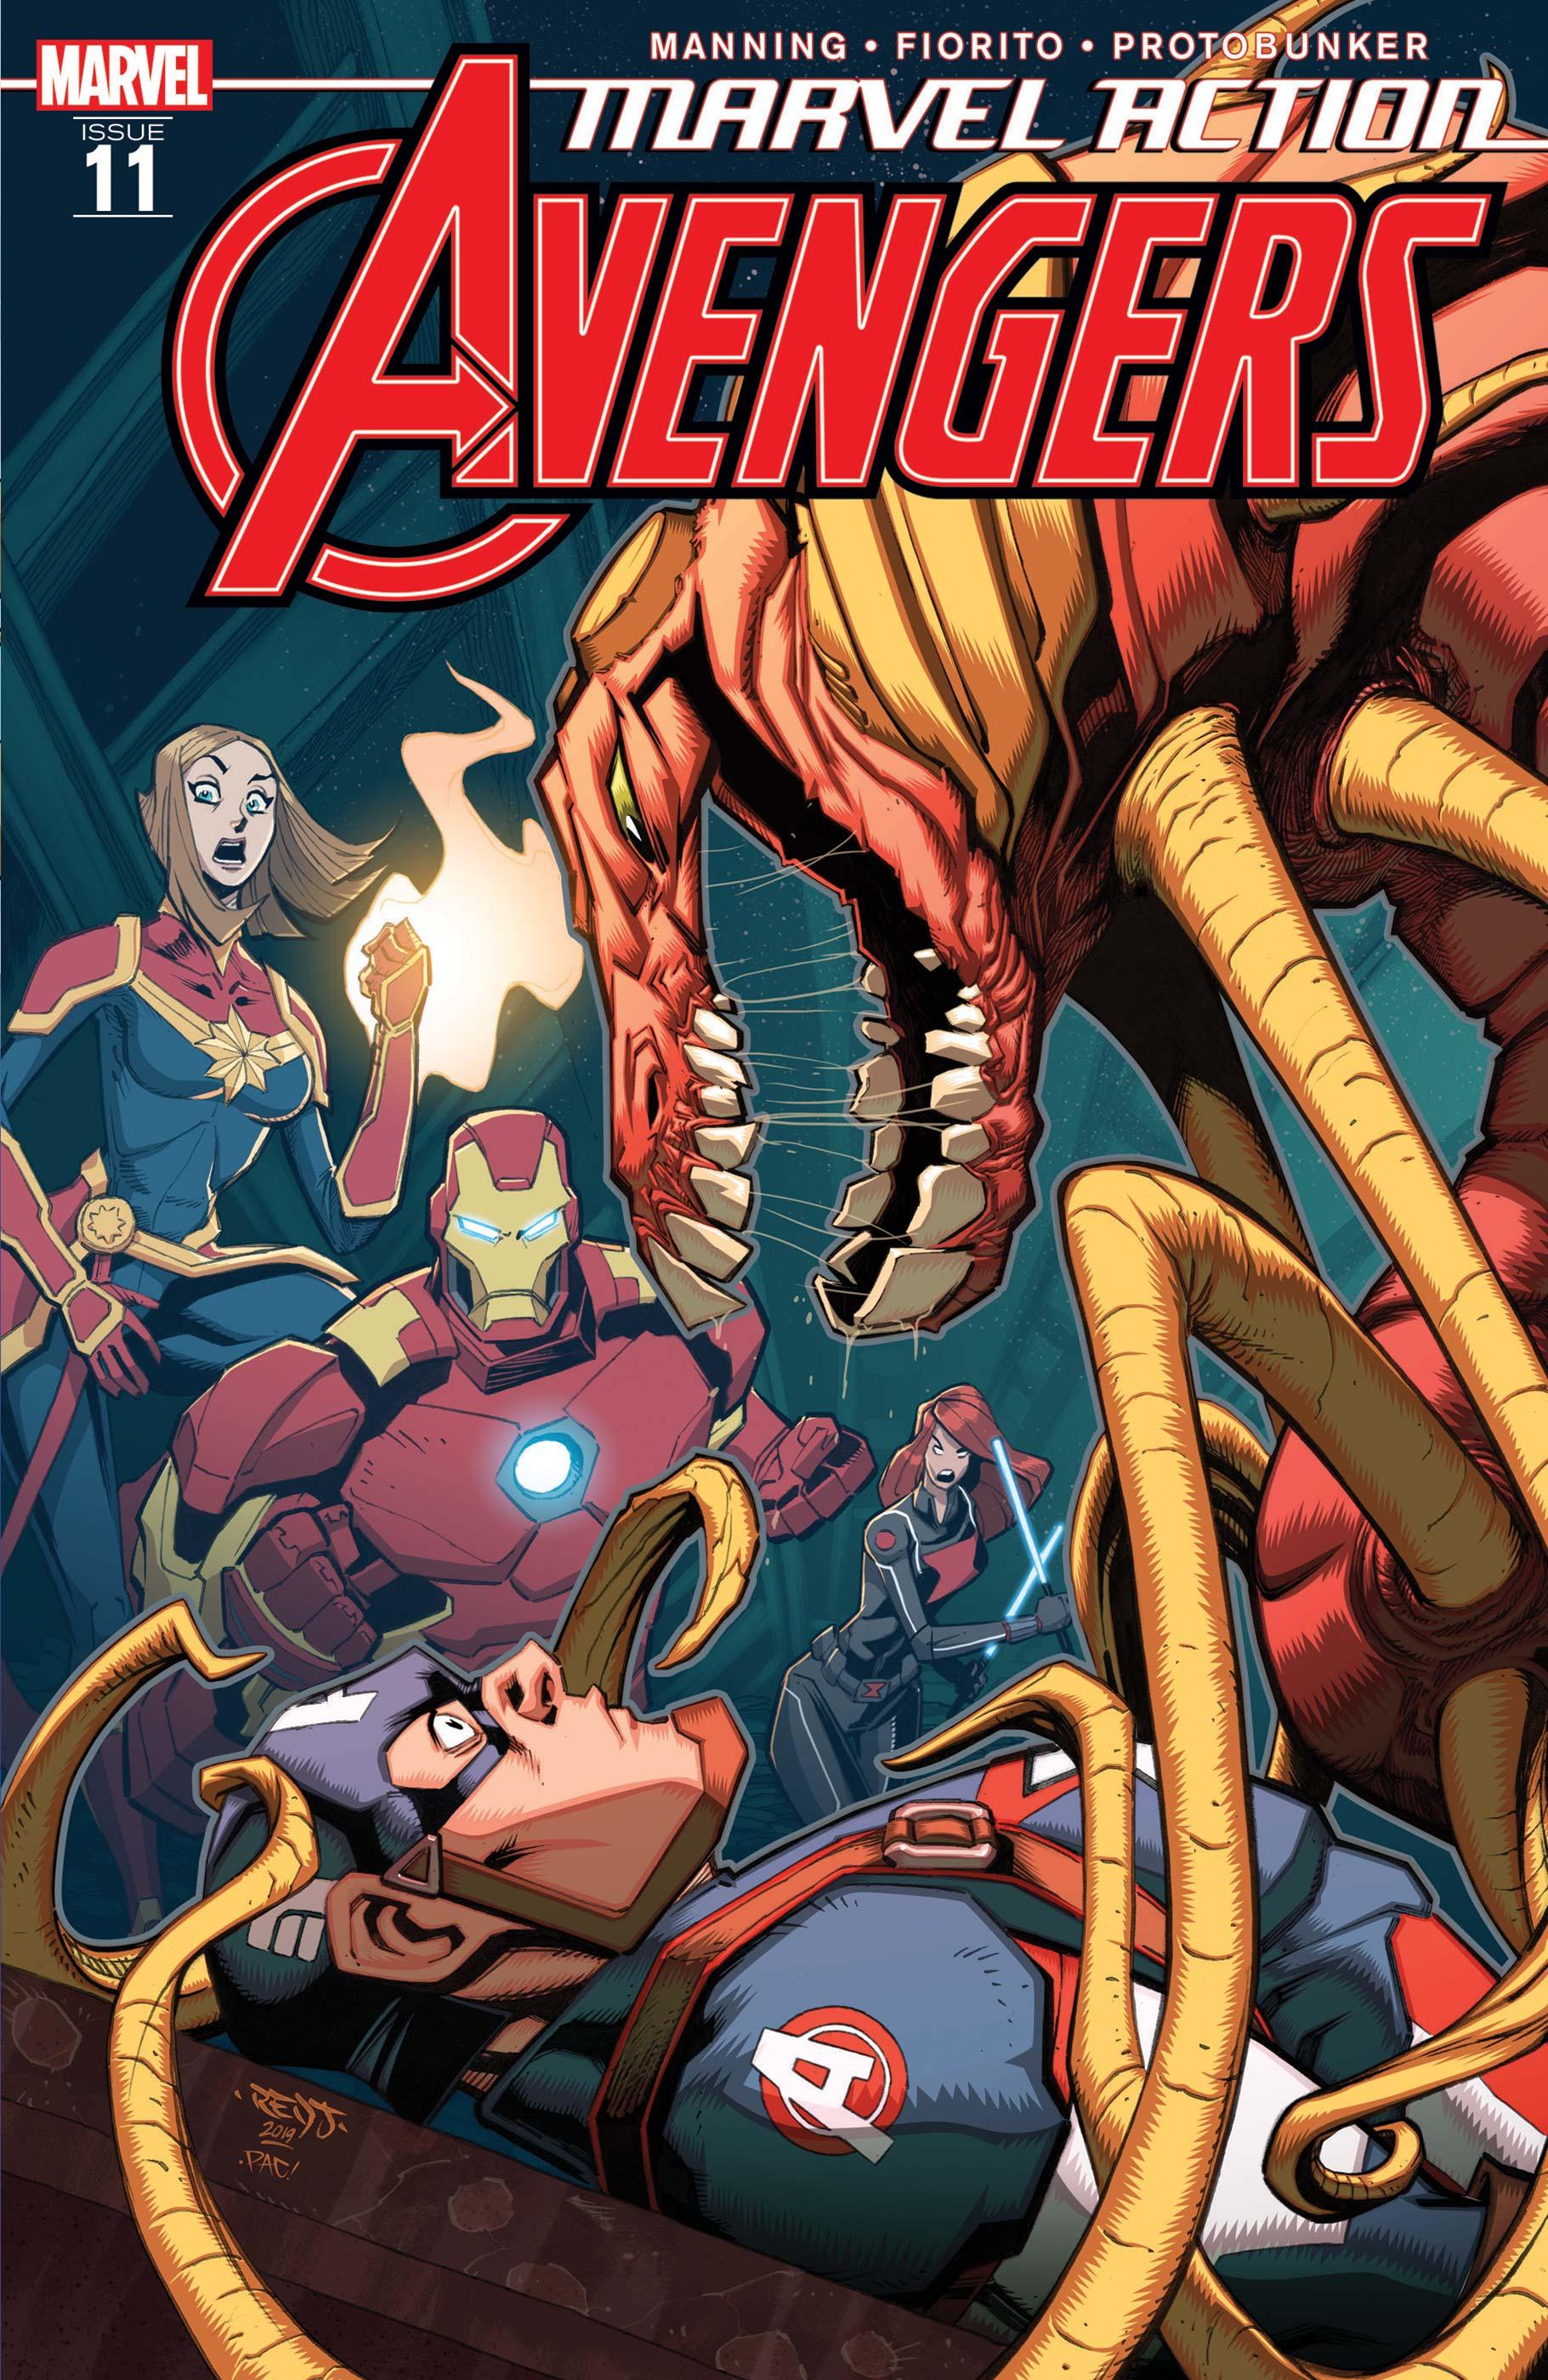 Marvel Action Avengers (2018) #11